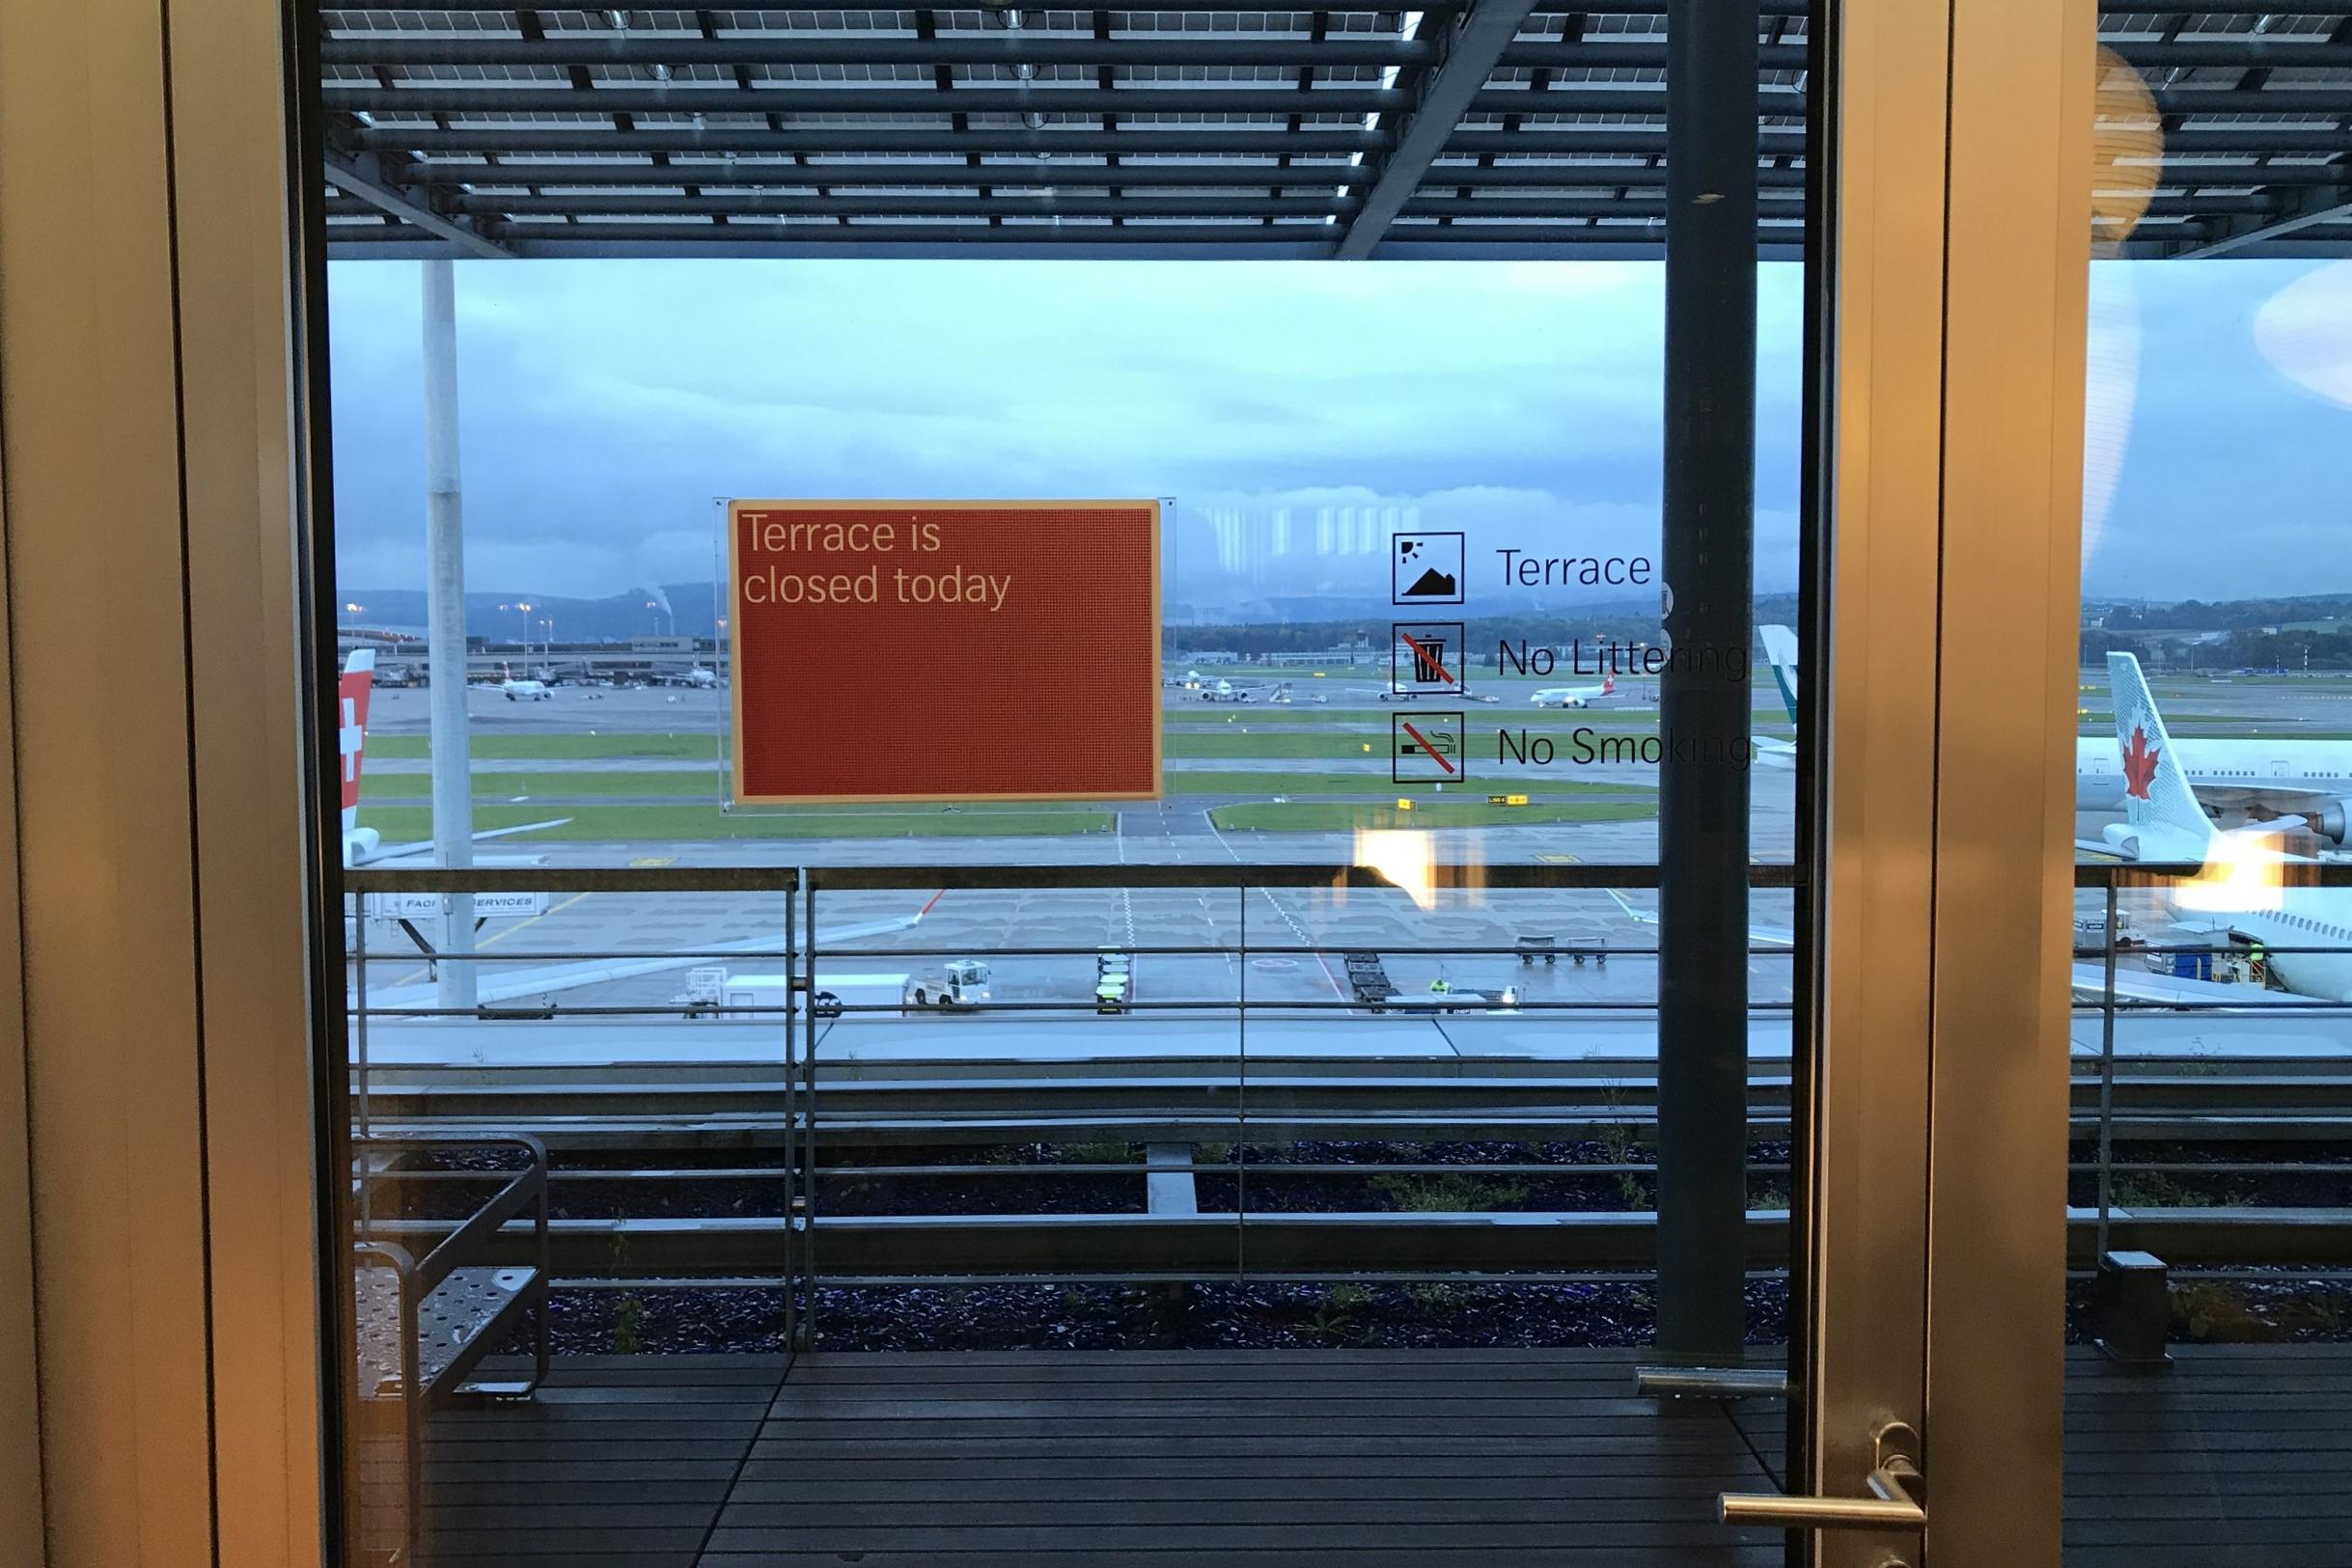 Swiss First Class Lounge Zurich – Terrace sign